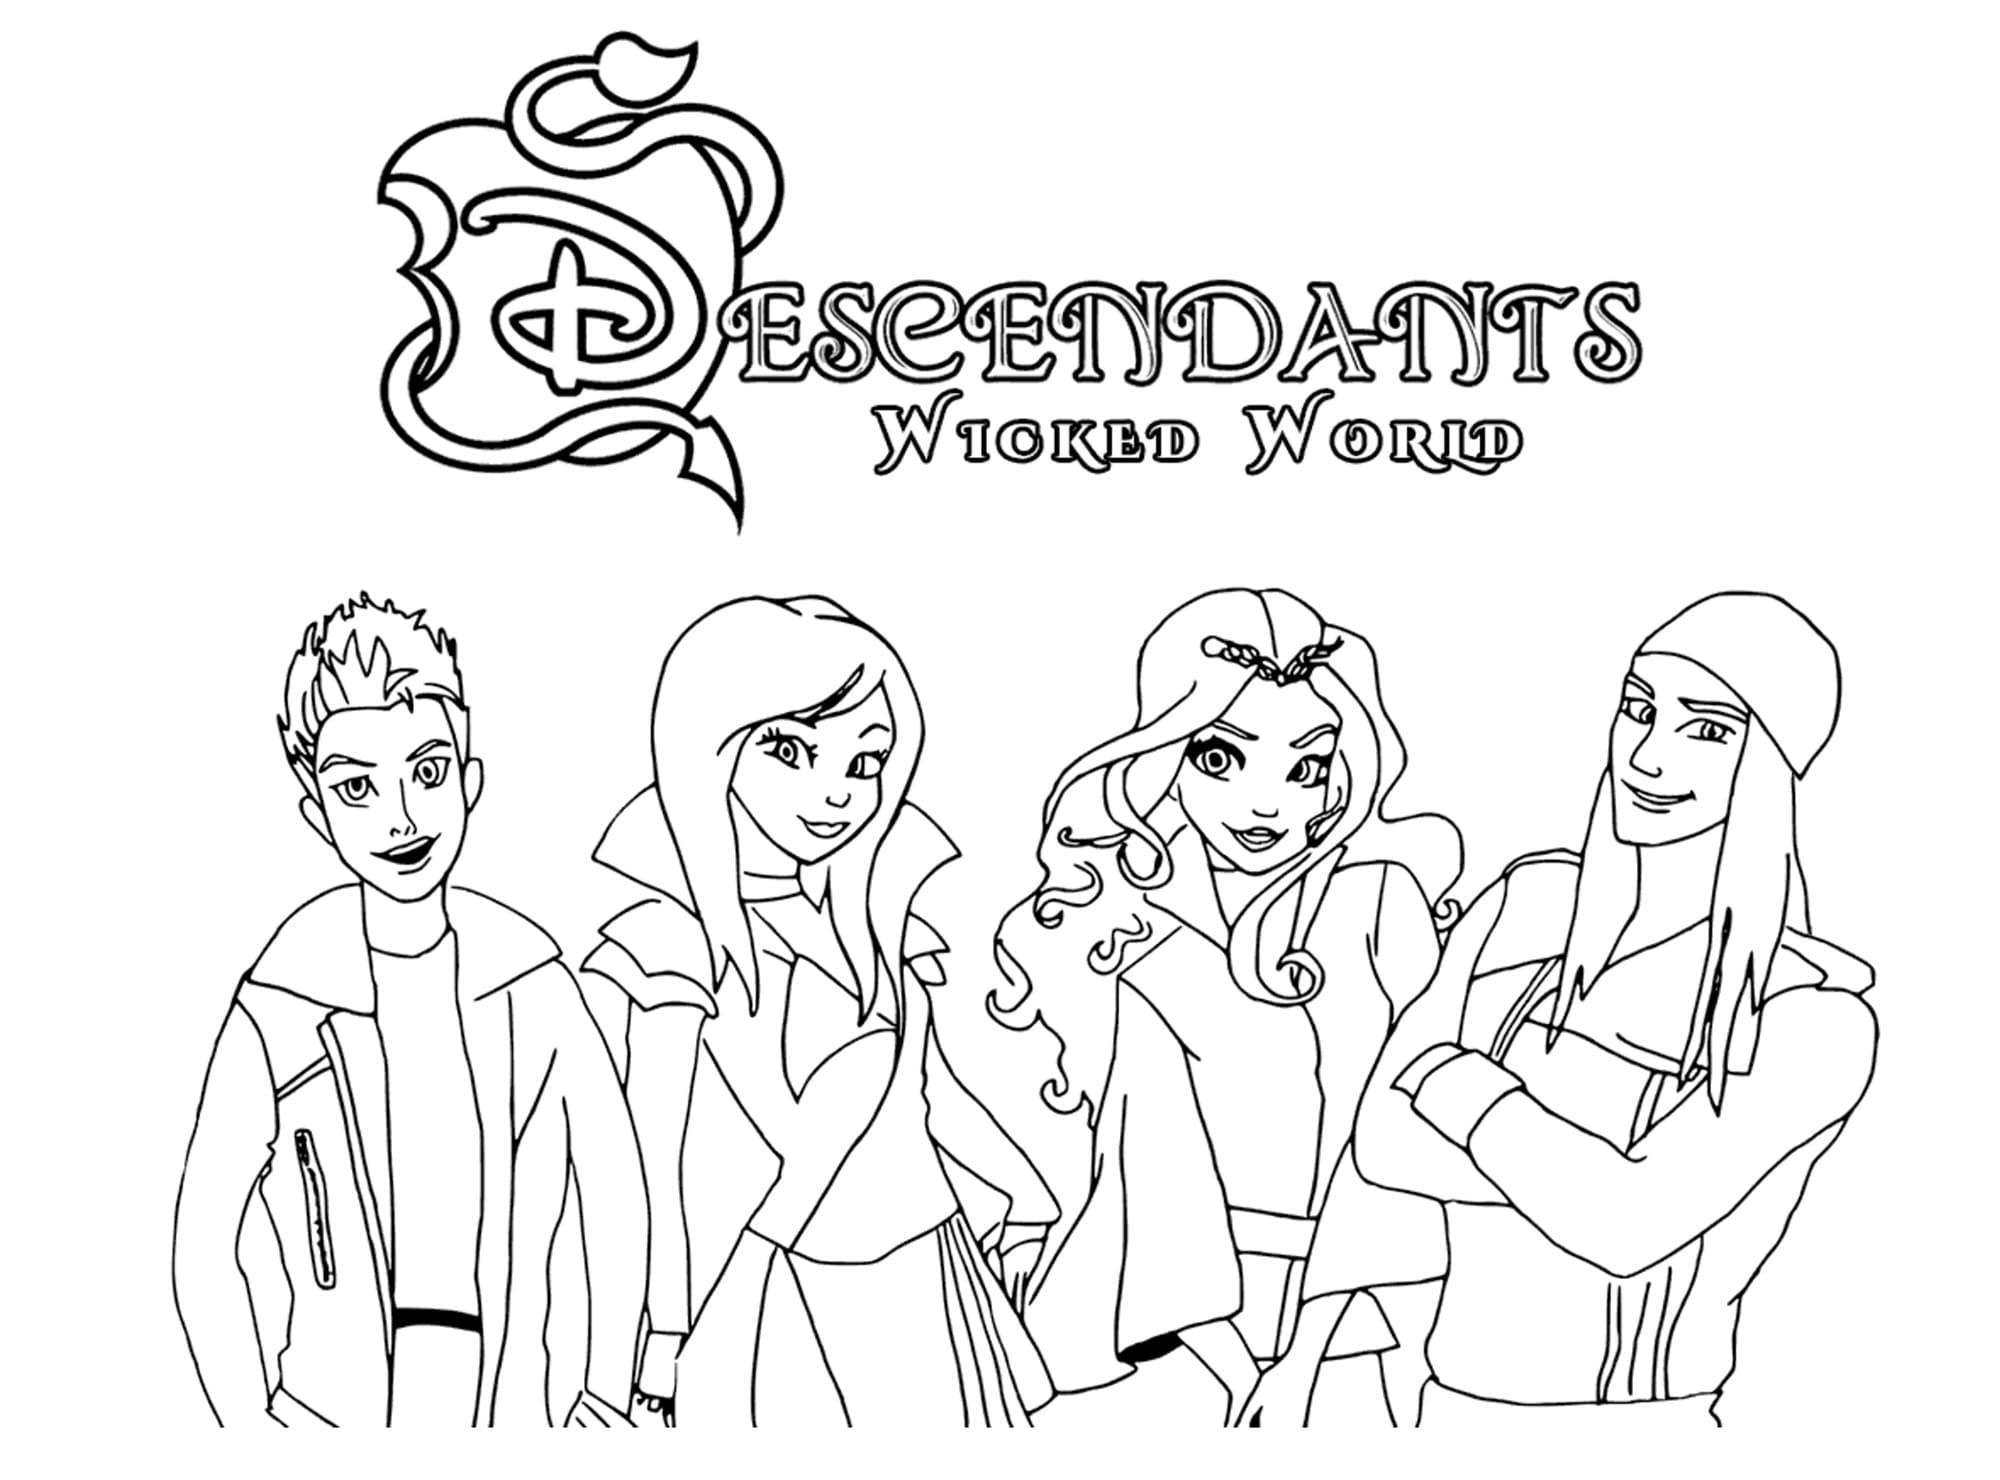 Ausmalbilder Erben (Descendants). Kostenlos Drucken Disney ganzes Malvorlagen Kostenlos Disney